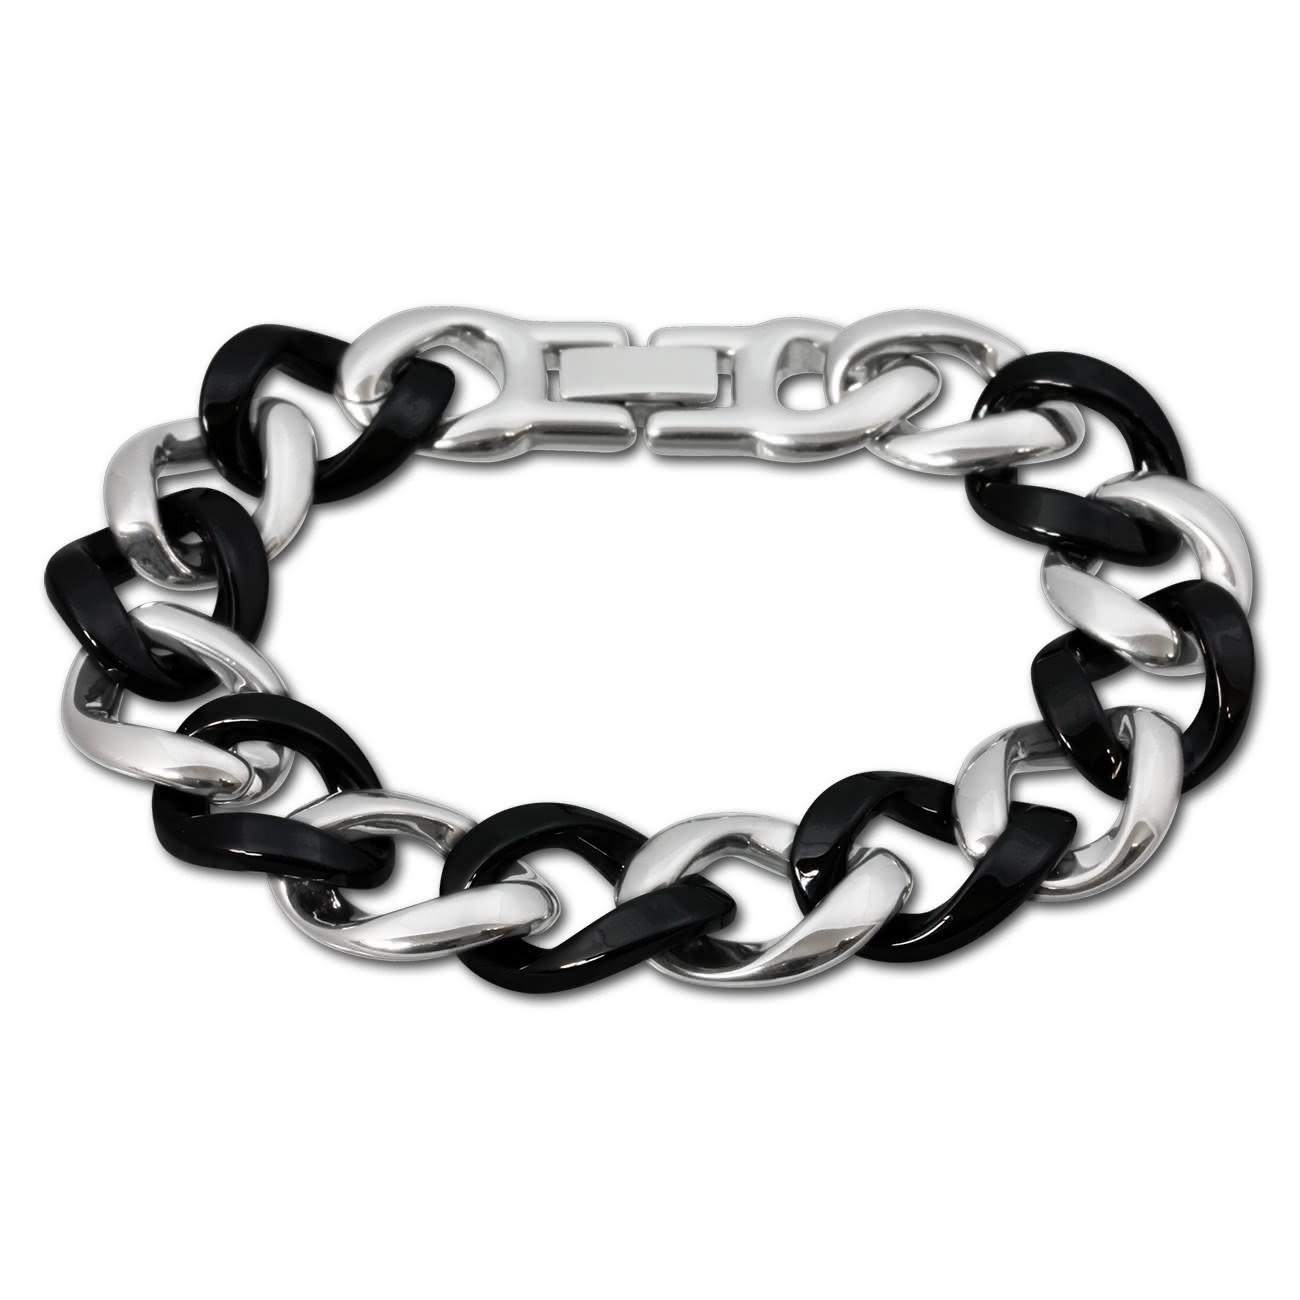 Amello Armband Keramik Panzer schwarz Damen Edelstahlschmuck ESAX18S0